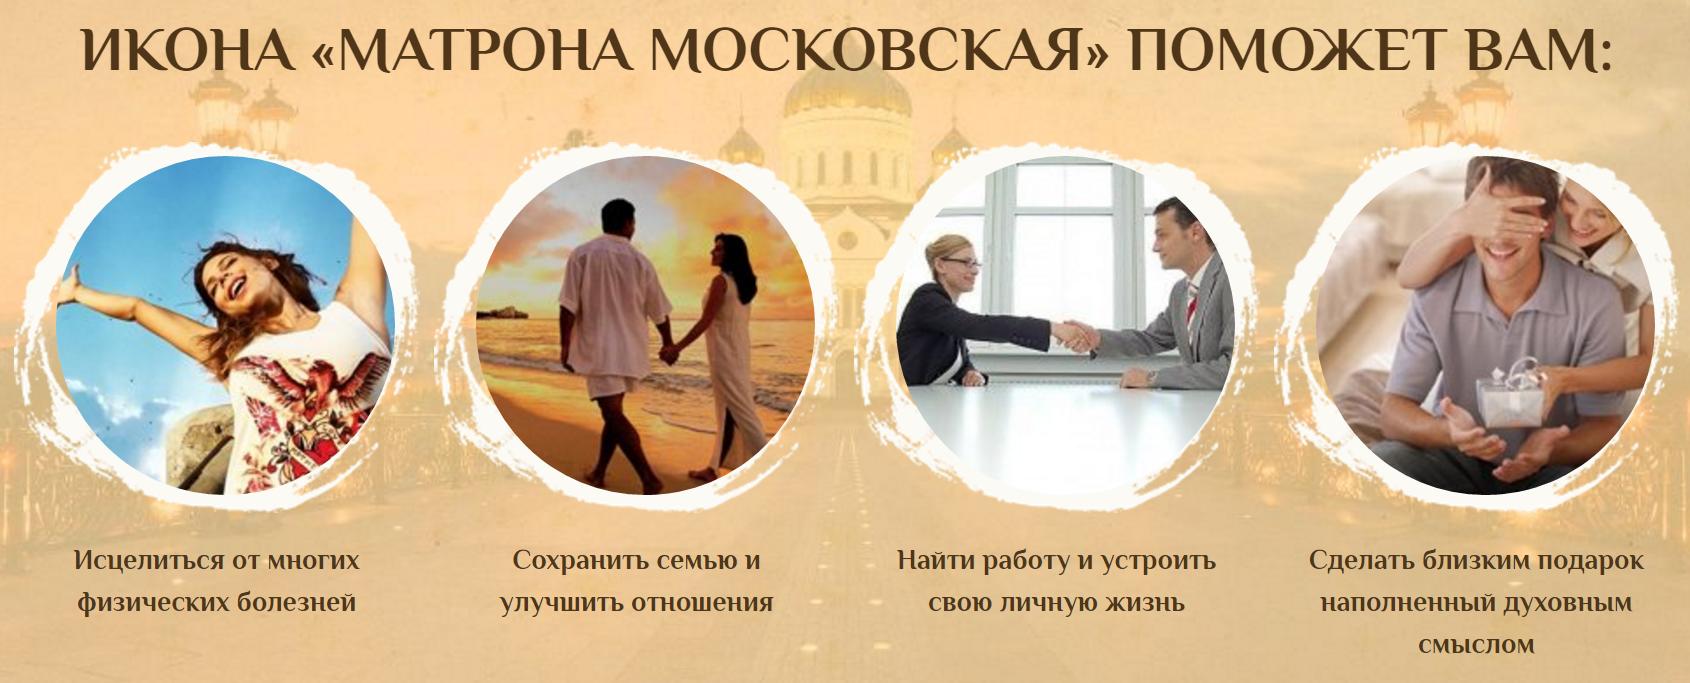 Нательная икона Матрона Московская